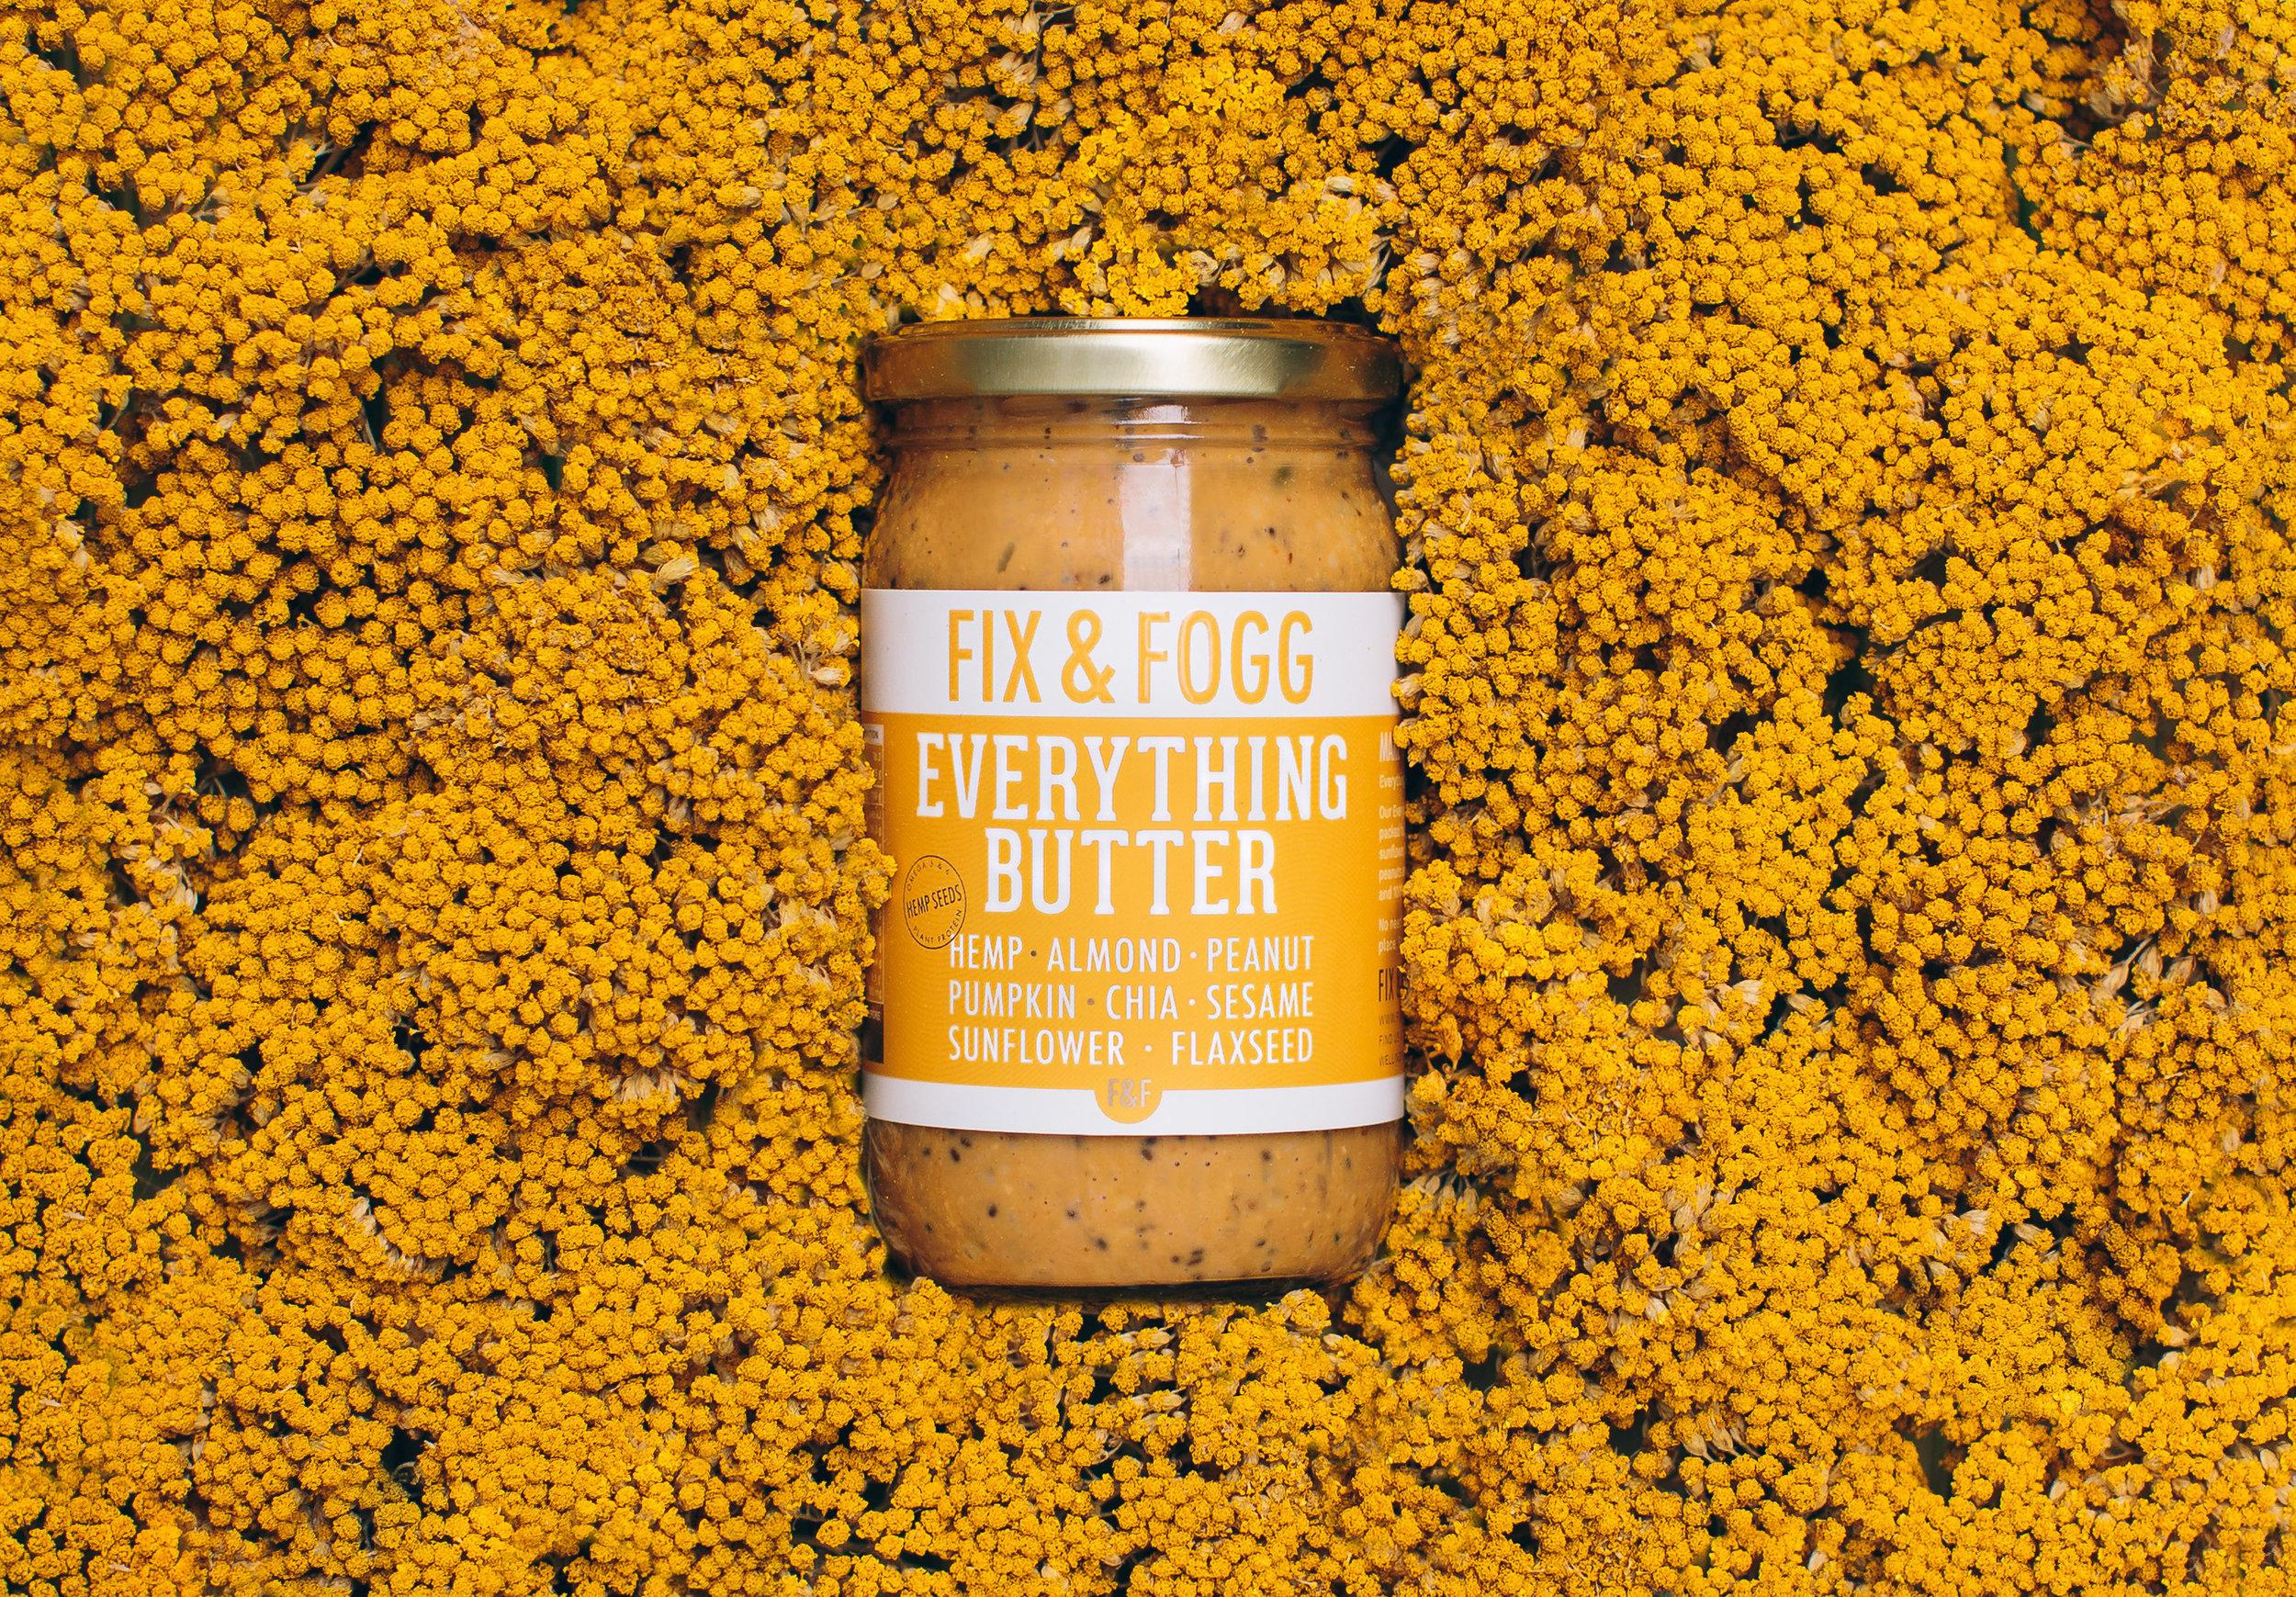 Fix & Fogg Everything Butter.jpg